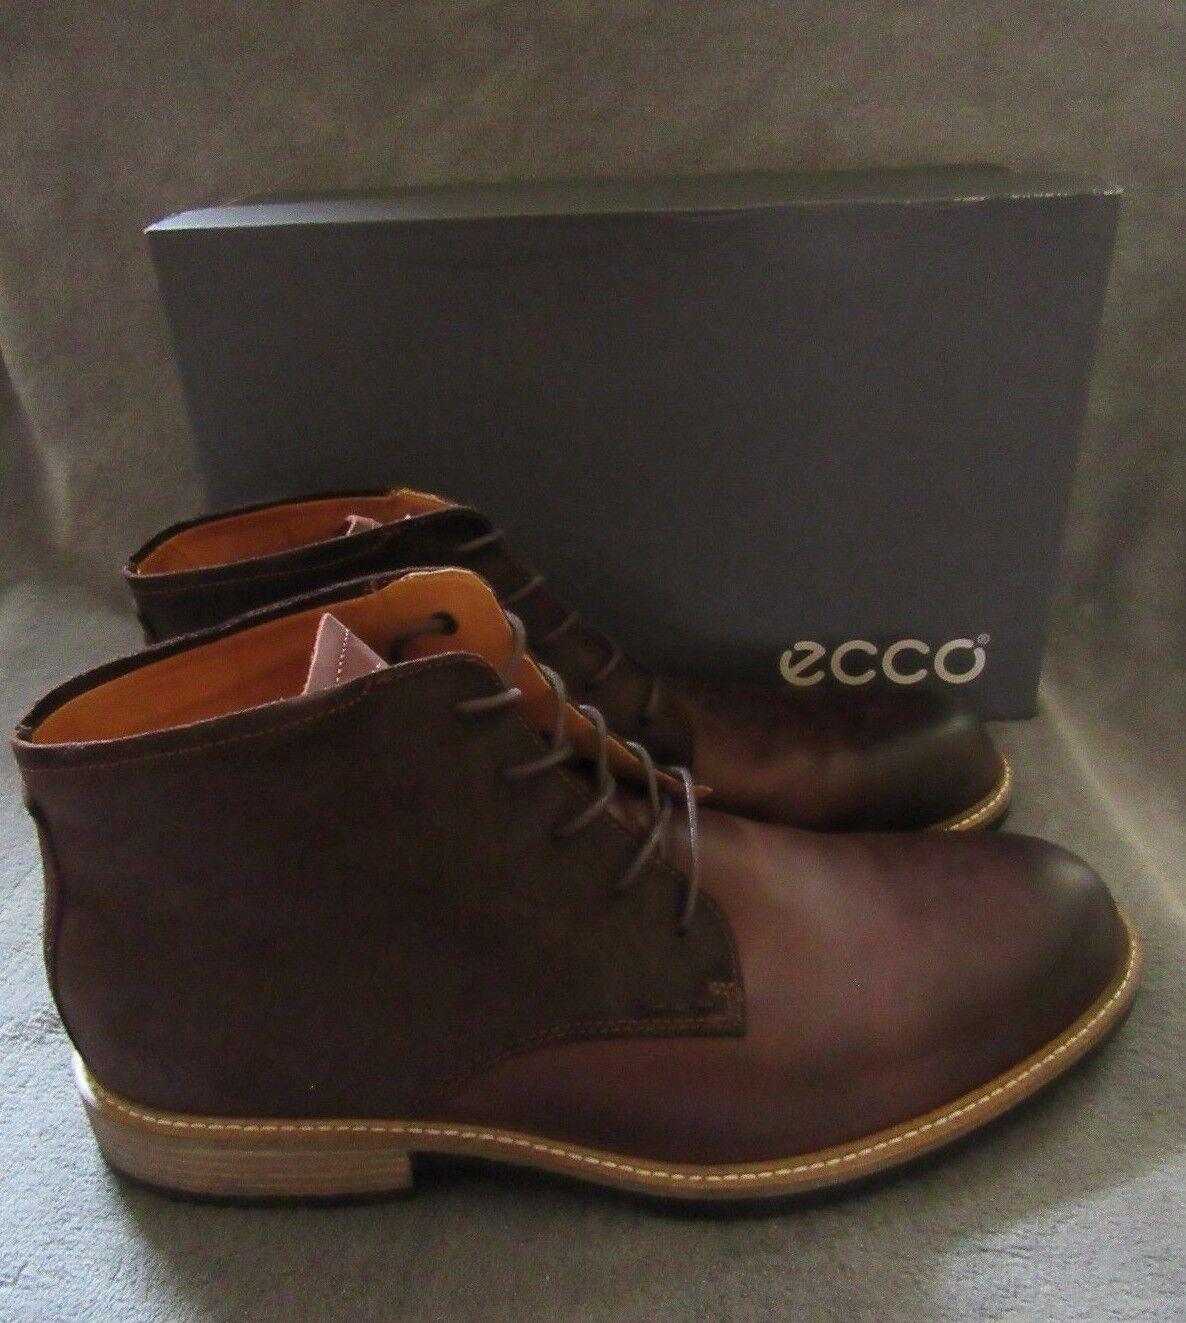 ECCO Kenton Plain Toe Pelle Mocha Derby Stivali Shoes   12 - 12.5 EUR 46 NWB